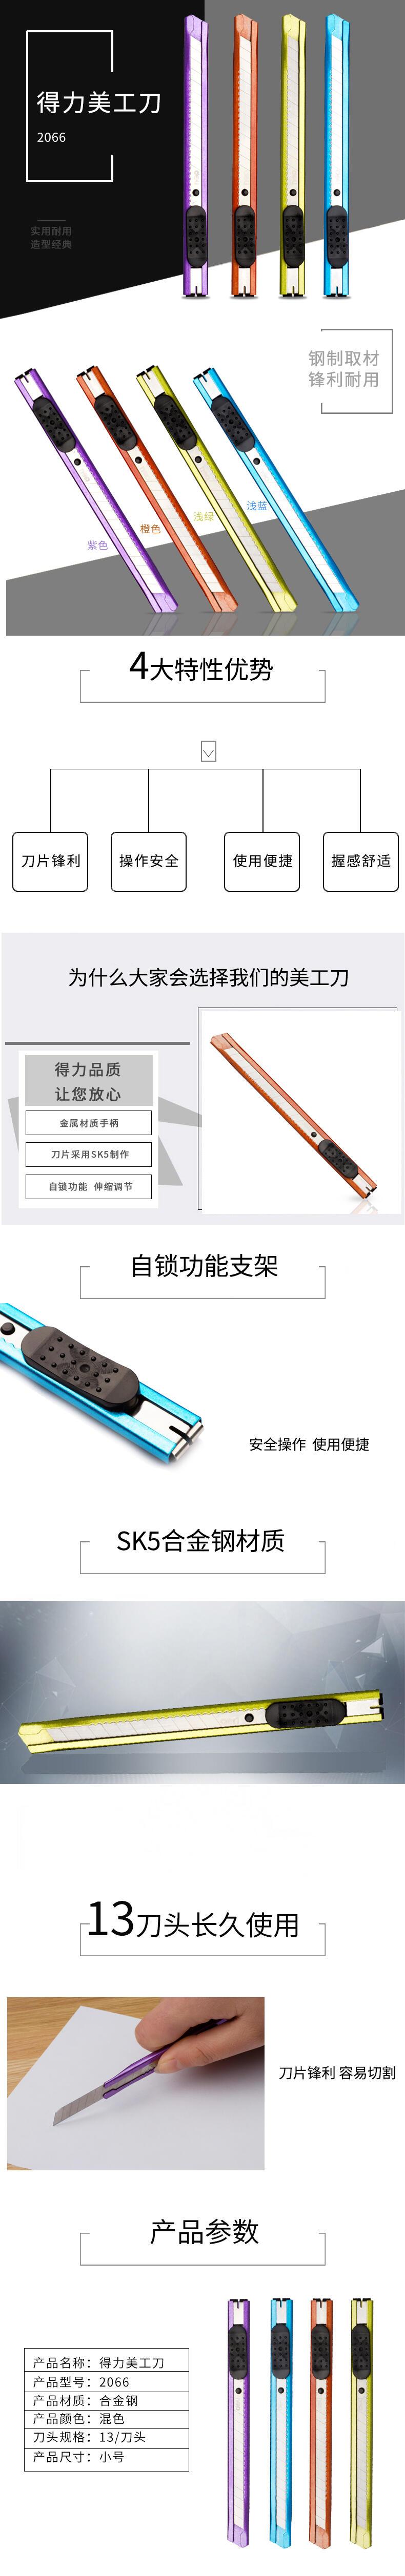 VWIN真人2066美工刀(紫)